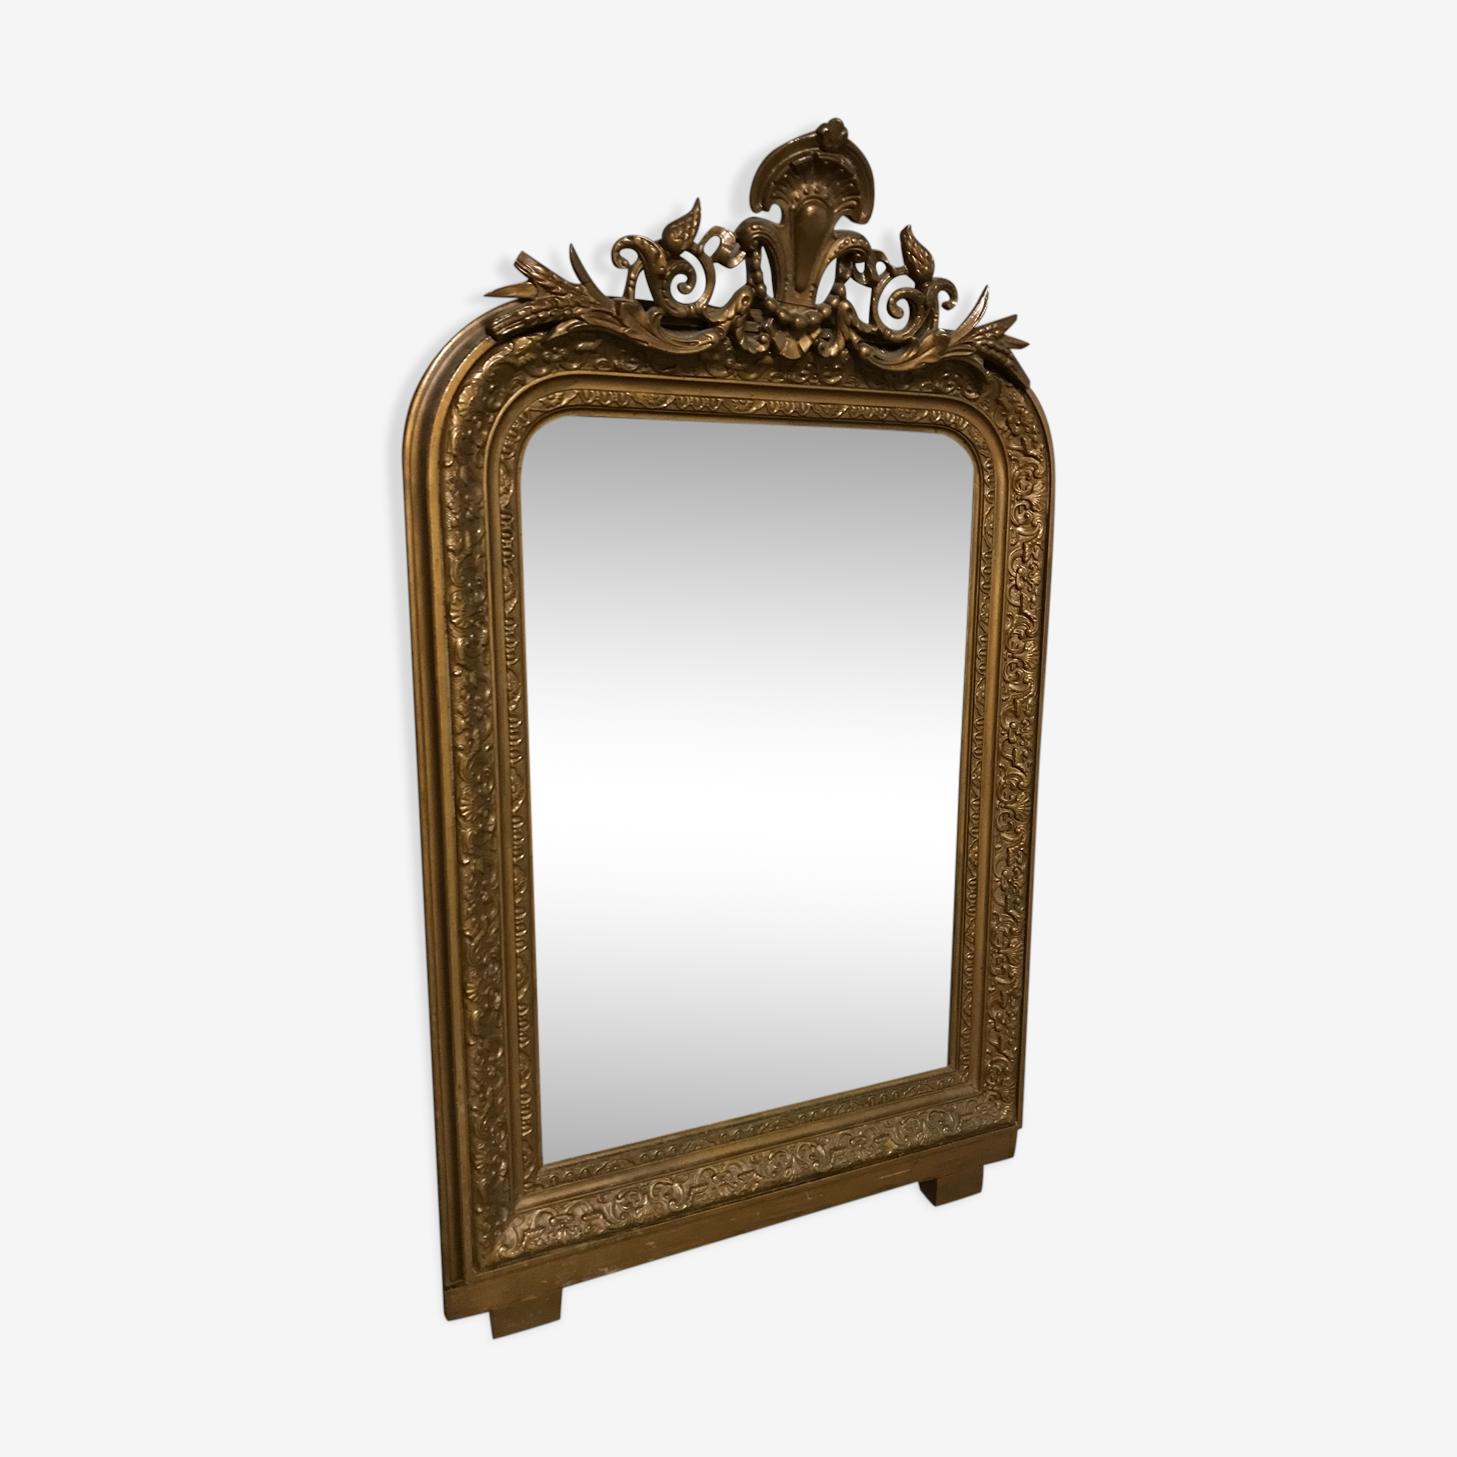 Miroir louis Philippe 19eme 100x62cm